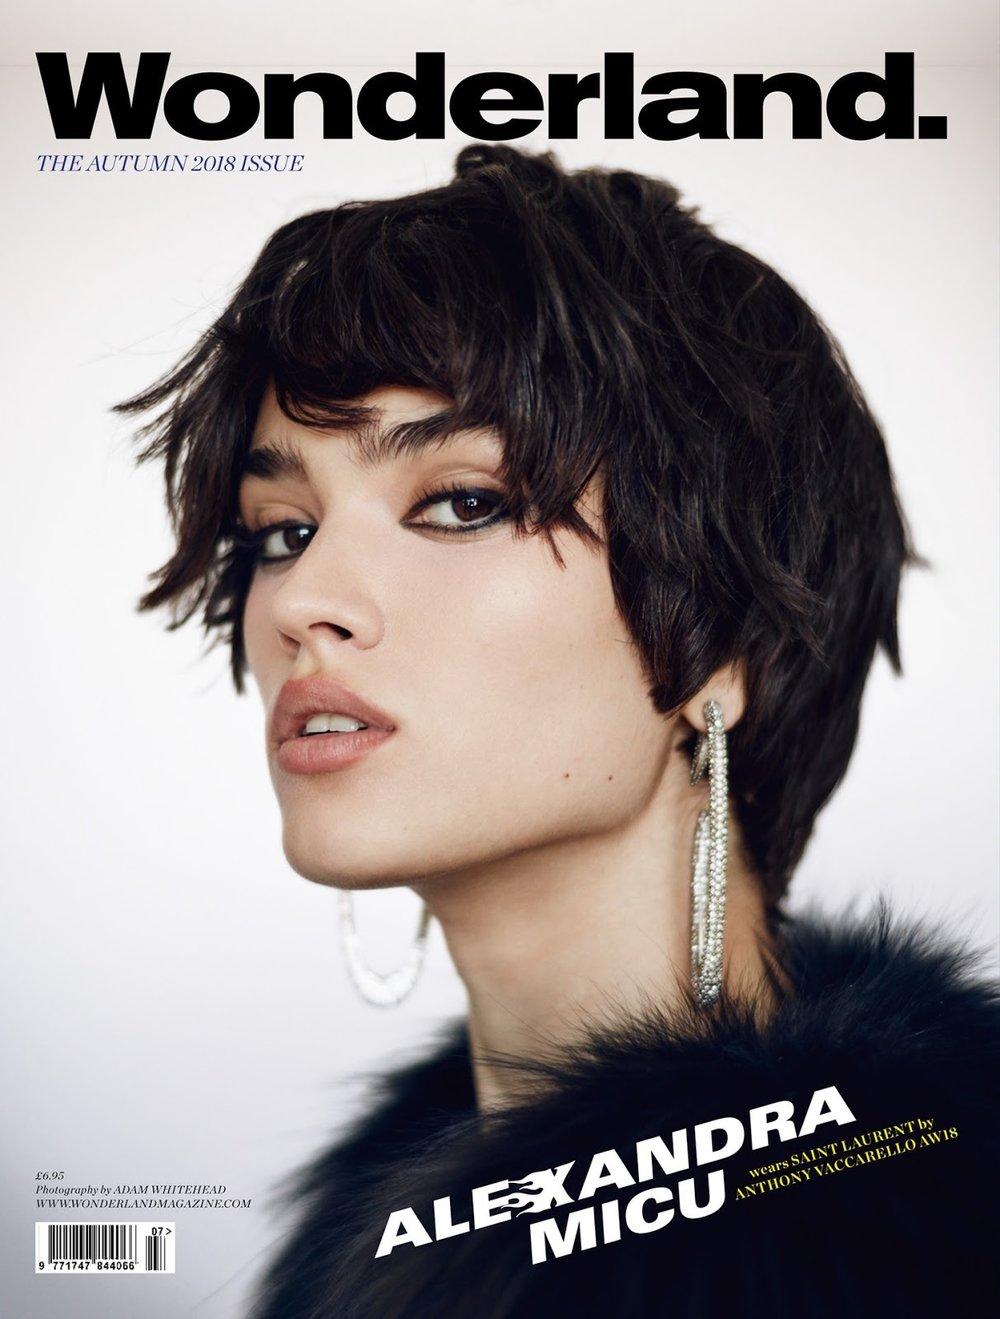 Wonderland Magazine Autumn 2018 11.jpg